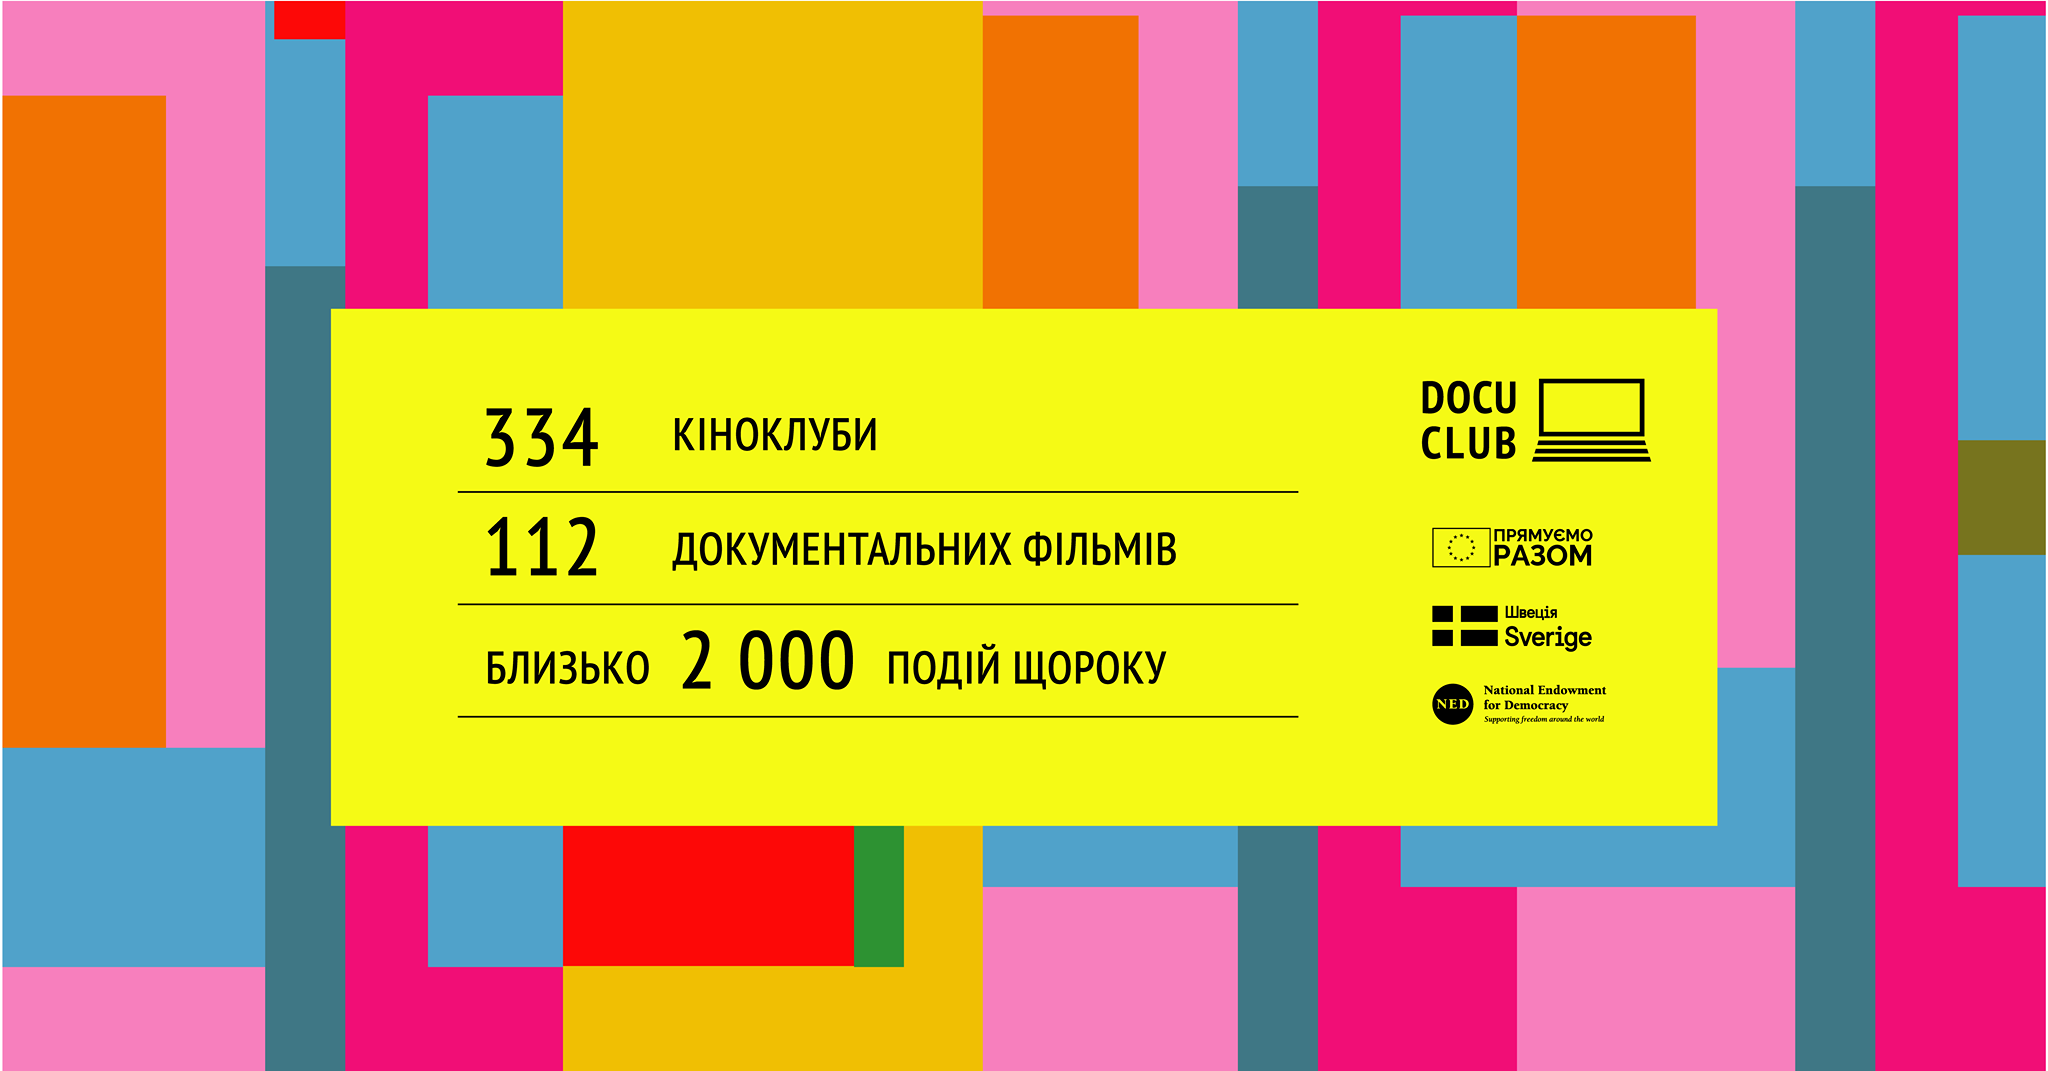 Навчайтесь на онлайн-курсі від Мережі DOCU/CLUB та відкривайте власний кіноклуб медіапросвіти з прав людини Docudays UA!